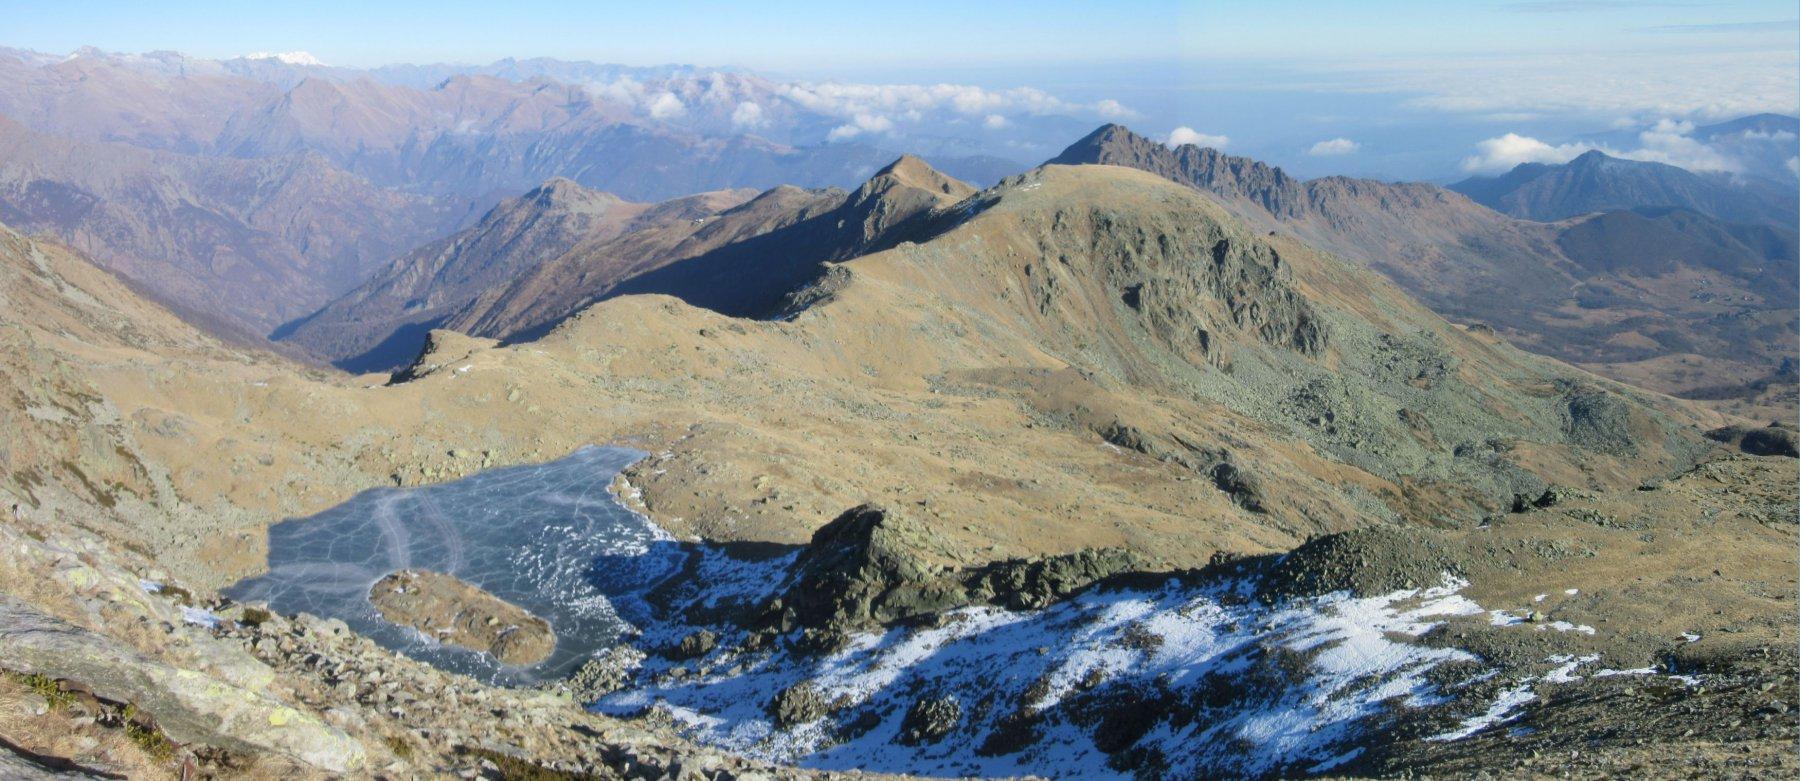 Ciarm del Prete e Monte Ciriunda dall'Alpe Bianca, anello 2015-12-30